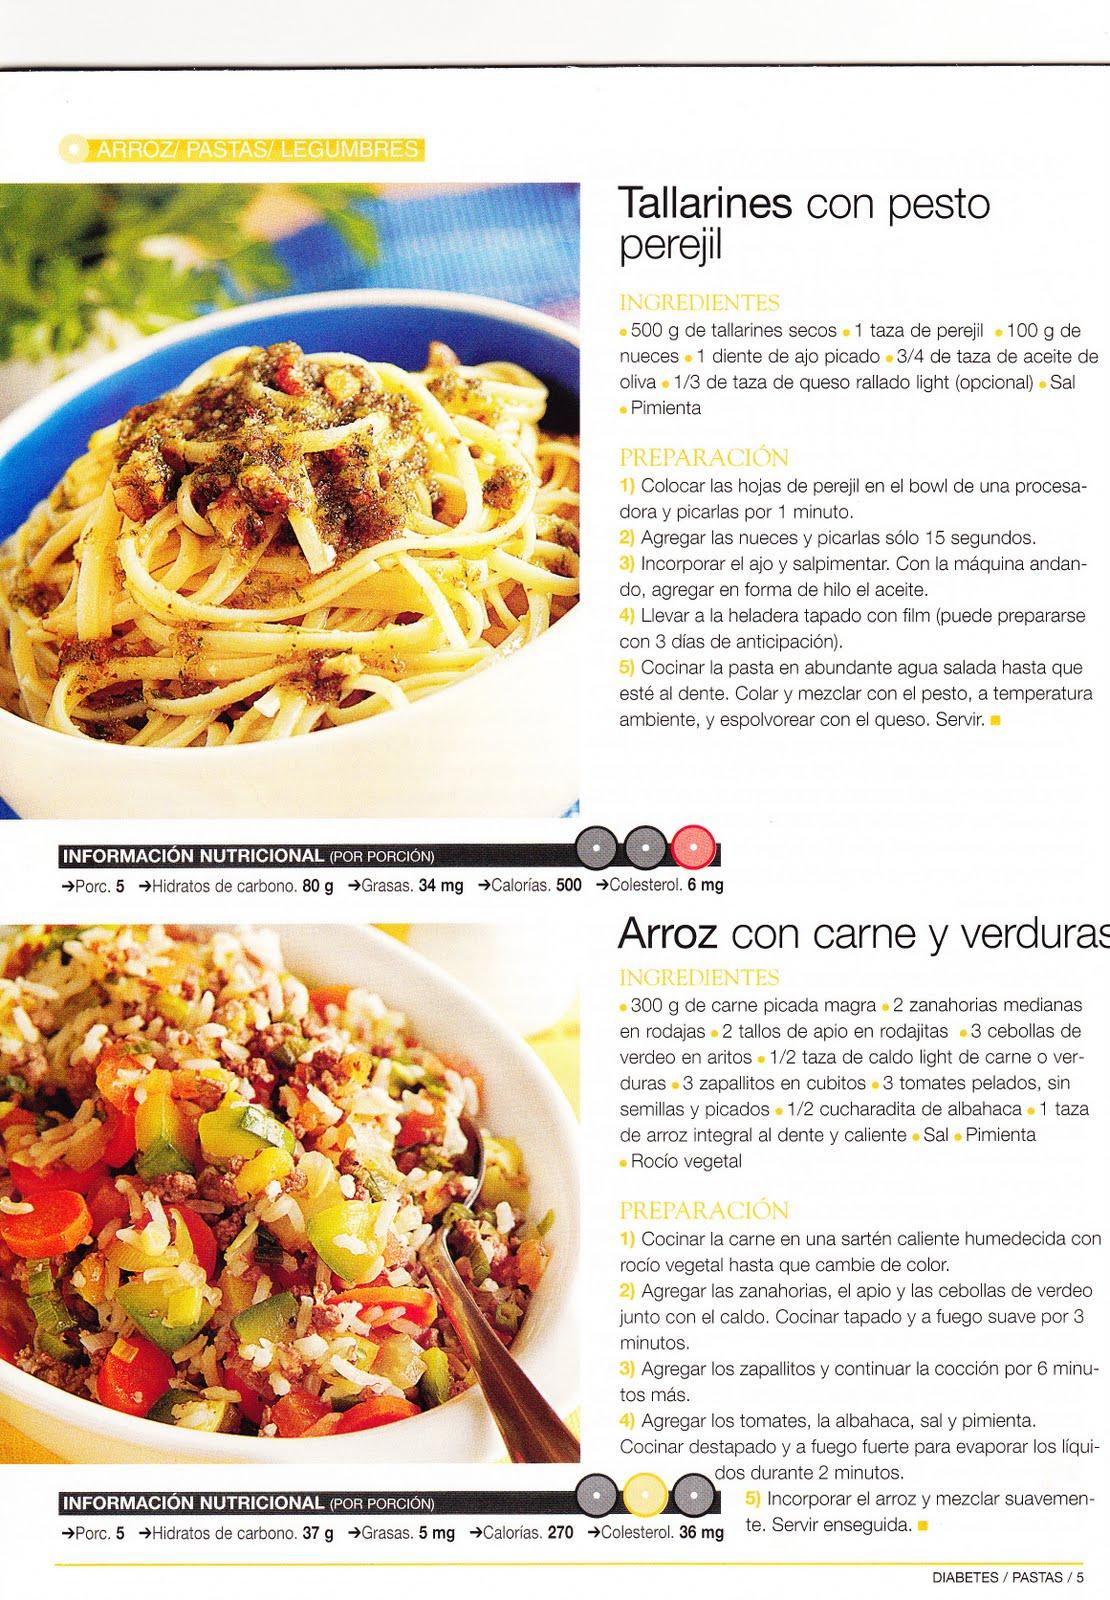 Algunas recetas de comidas la chica con diabetes tipo 1 for Resetas para preparar comida